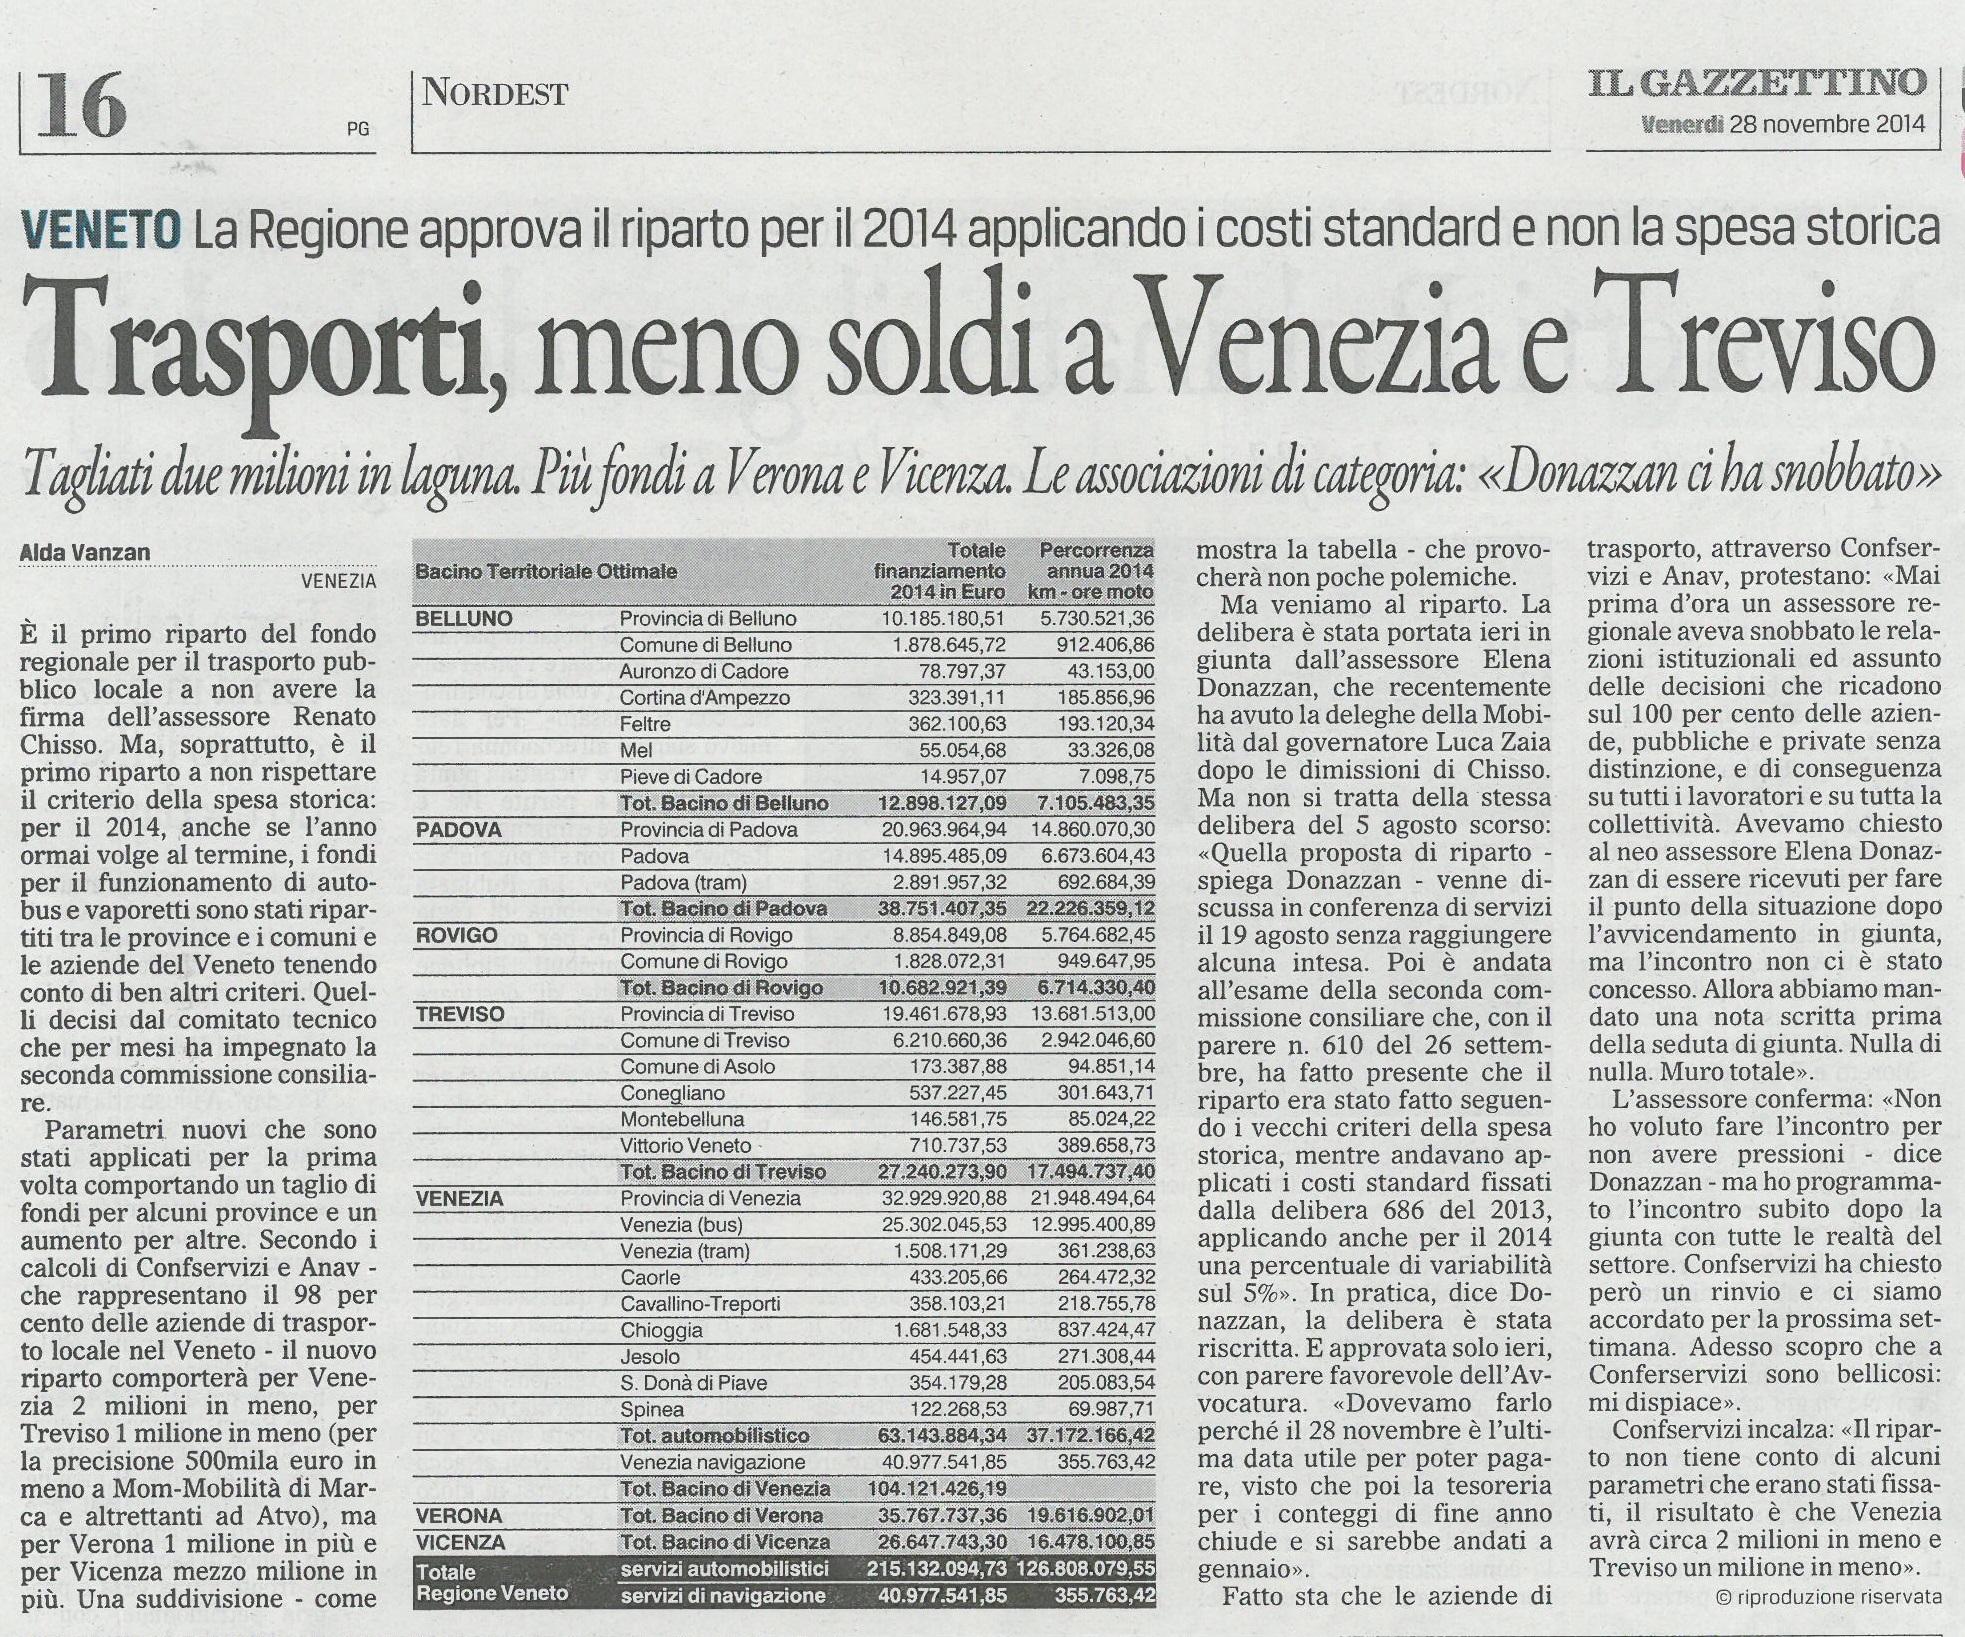 28 novembre 2014 – Il Gazzettino: Trasporti, meno soldi a Venezia e Treviso